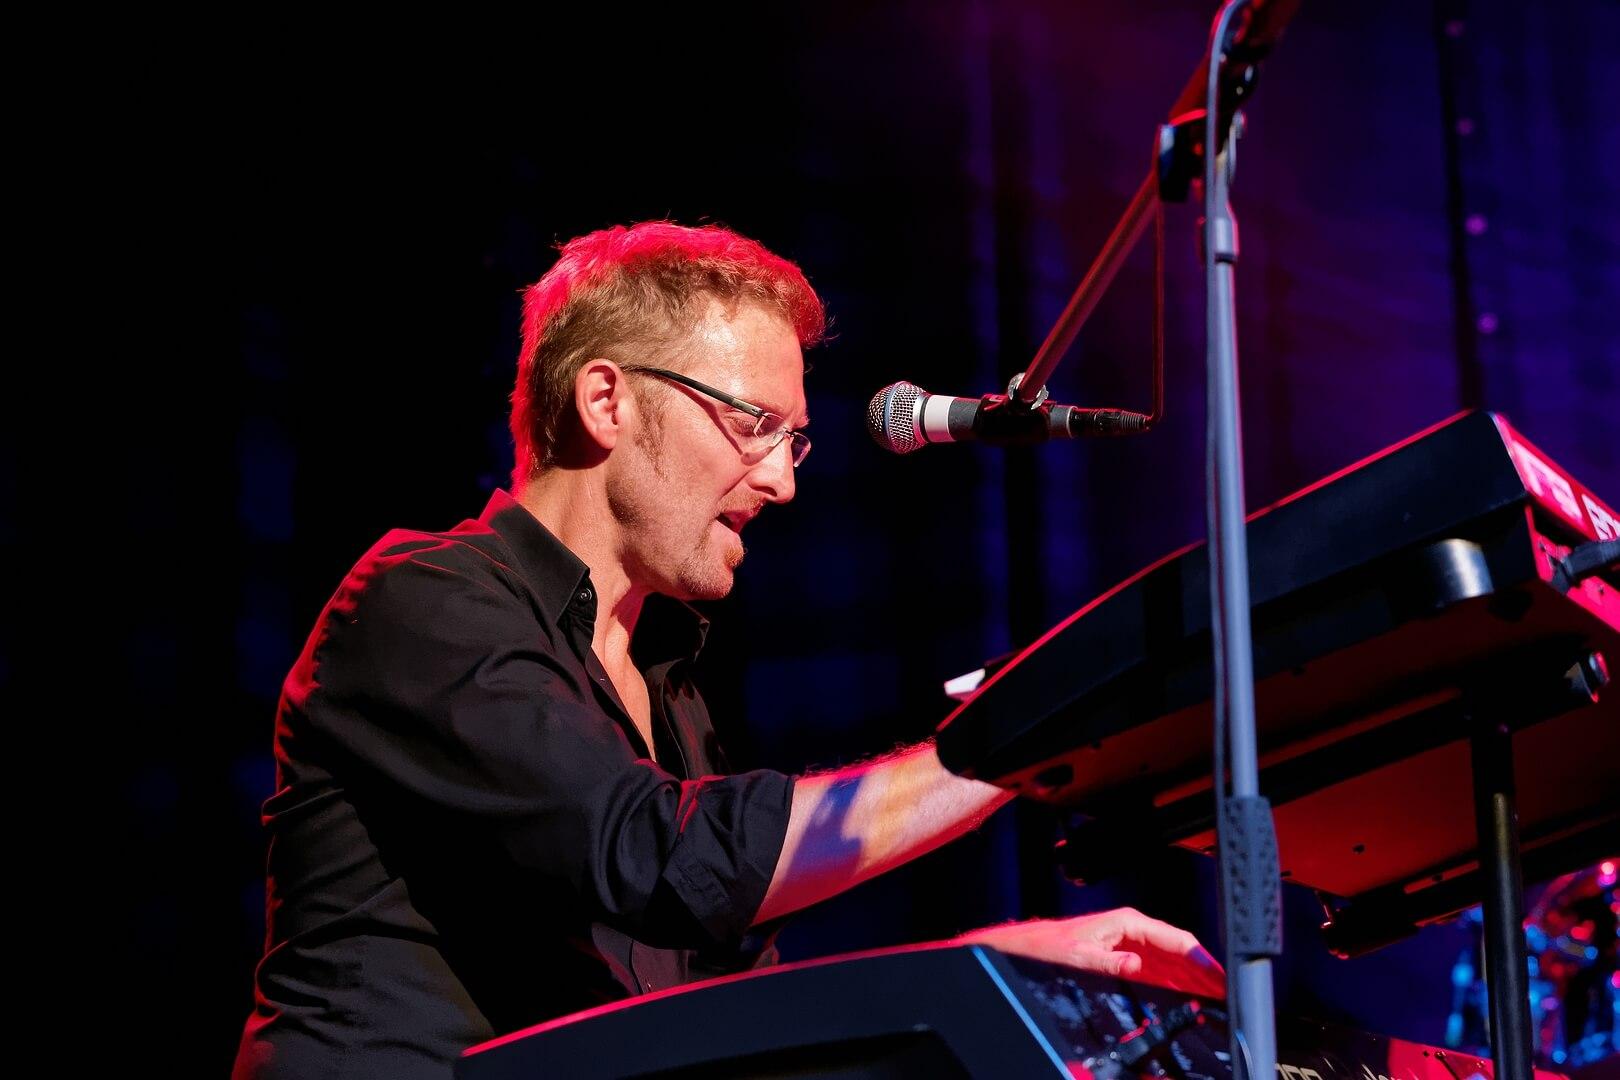 Stefan Schlosser - Keyboards